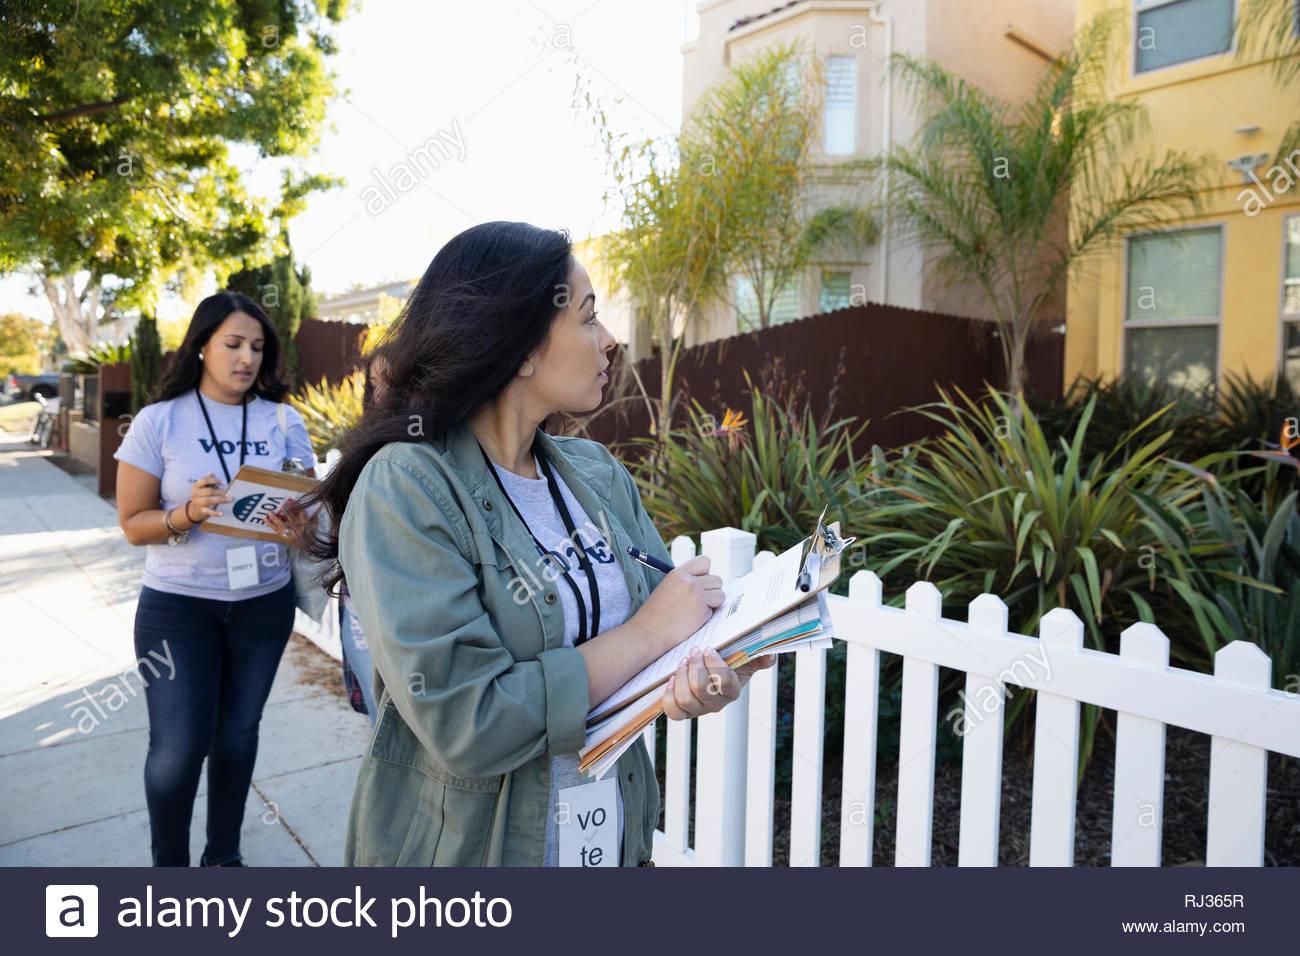 Latinx female volunteers with clipboards volunteering, canvassing voters door-to-door - Stock Image